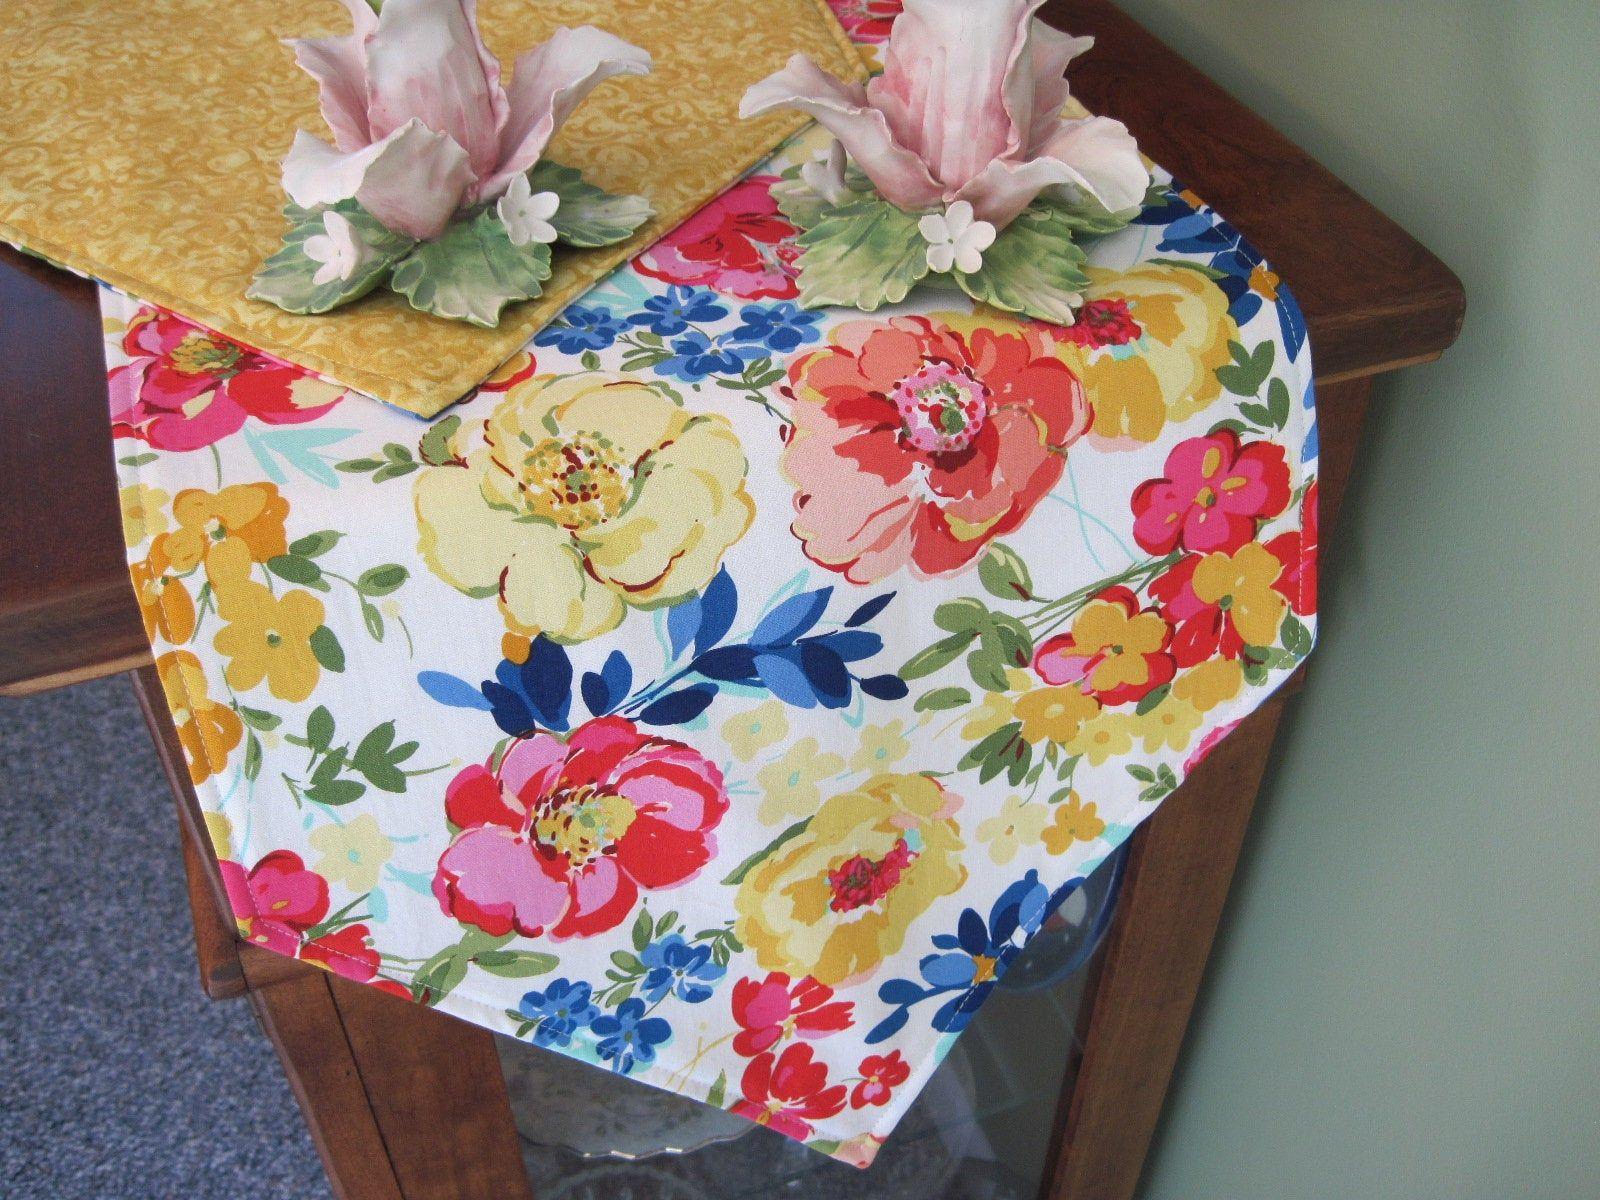 54 Summer Floral Table Runner Reversible Yellow Table Runner Pink Table Runner Summer Table Decor Spring Table Runner Pink Dresser Scarf Summer Table Decorations Floral Table Runner Printed Table Runner